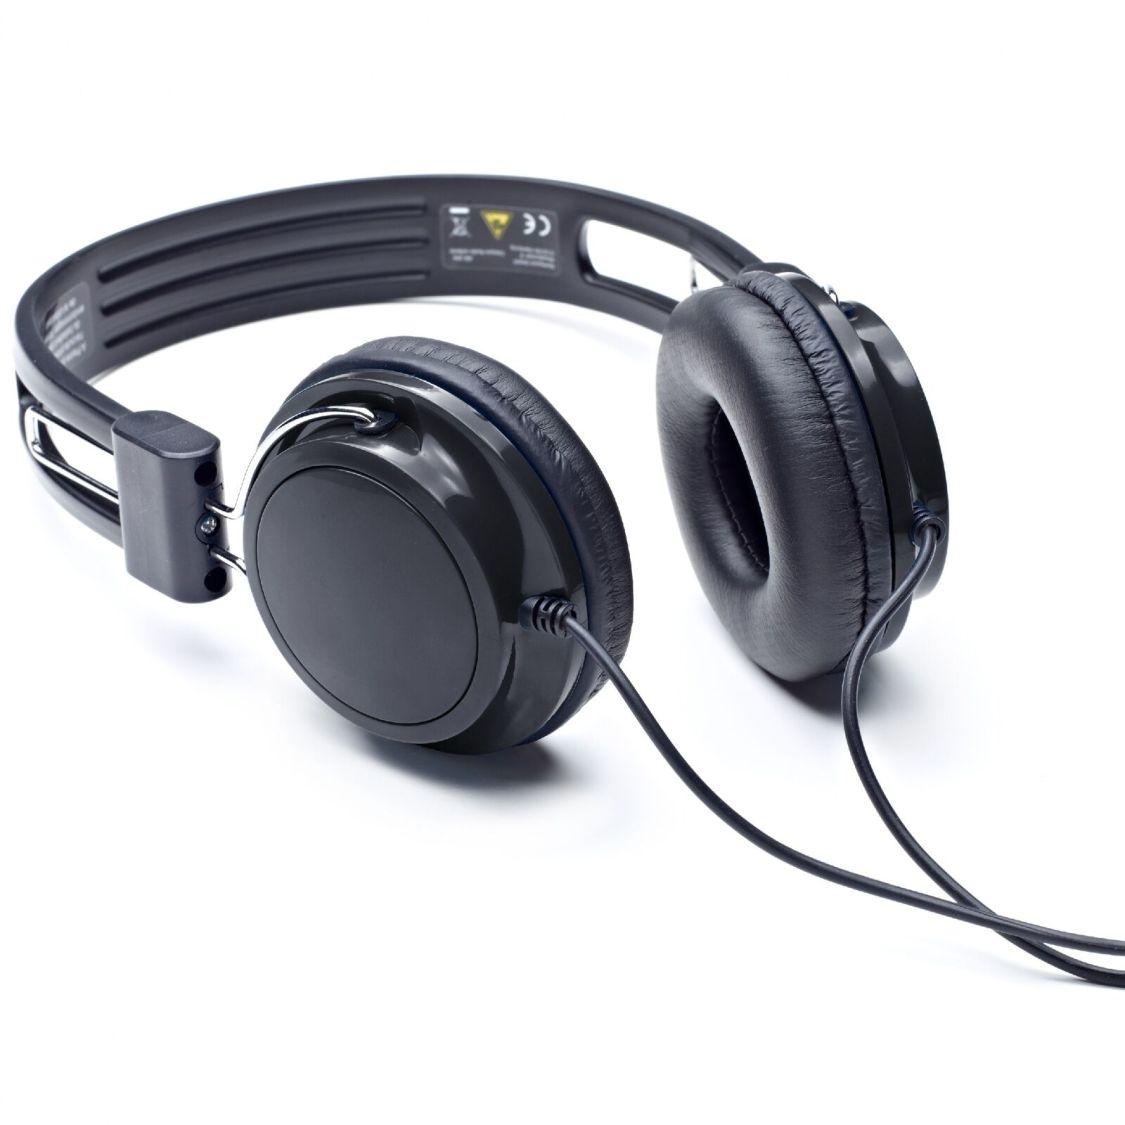 Kinderkopfhörer Kopfhörer für Kinder Stereo Lautstärkebegrenzung max. 90db